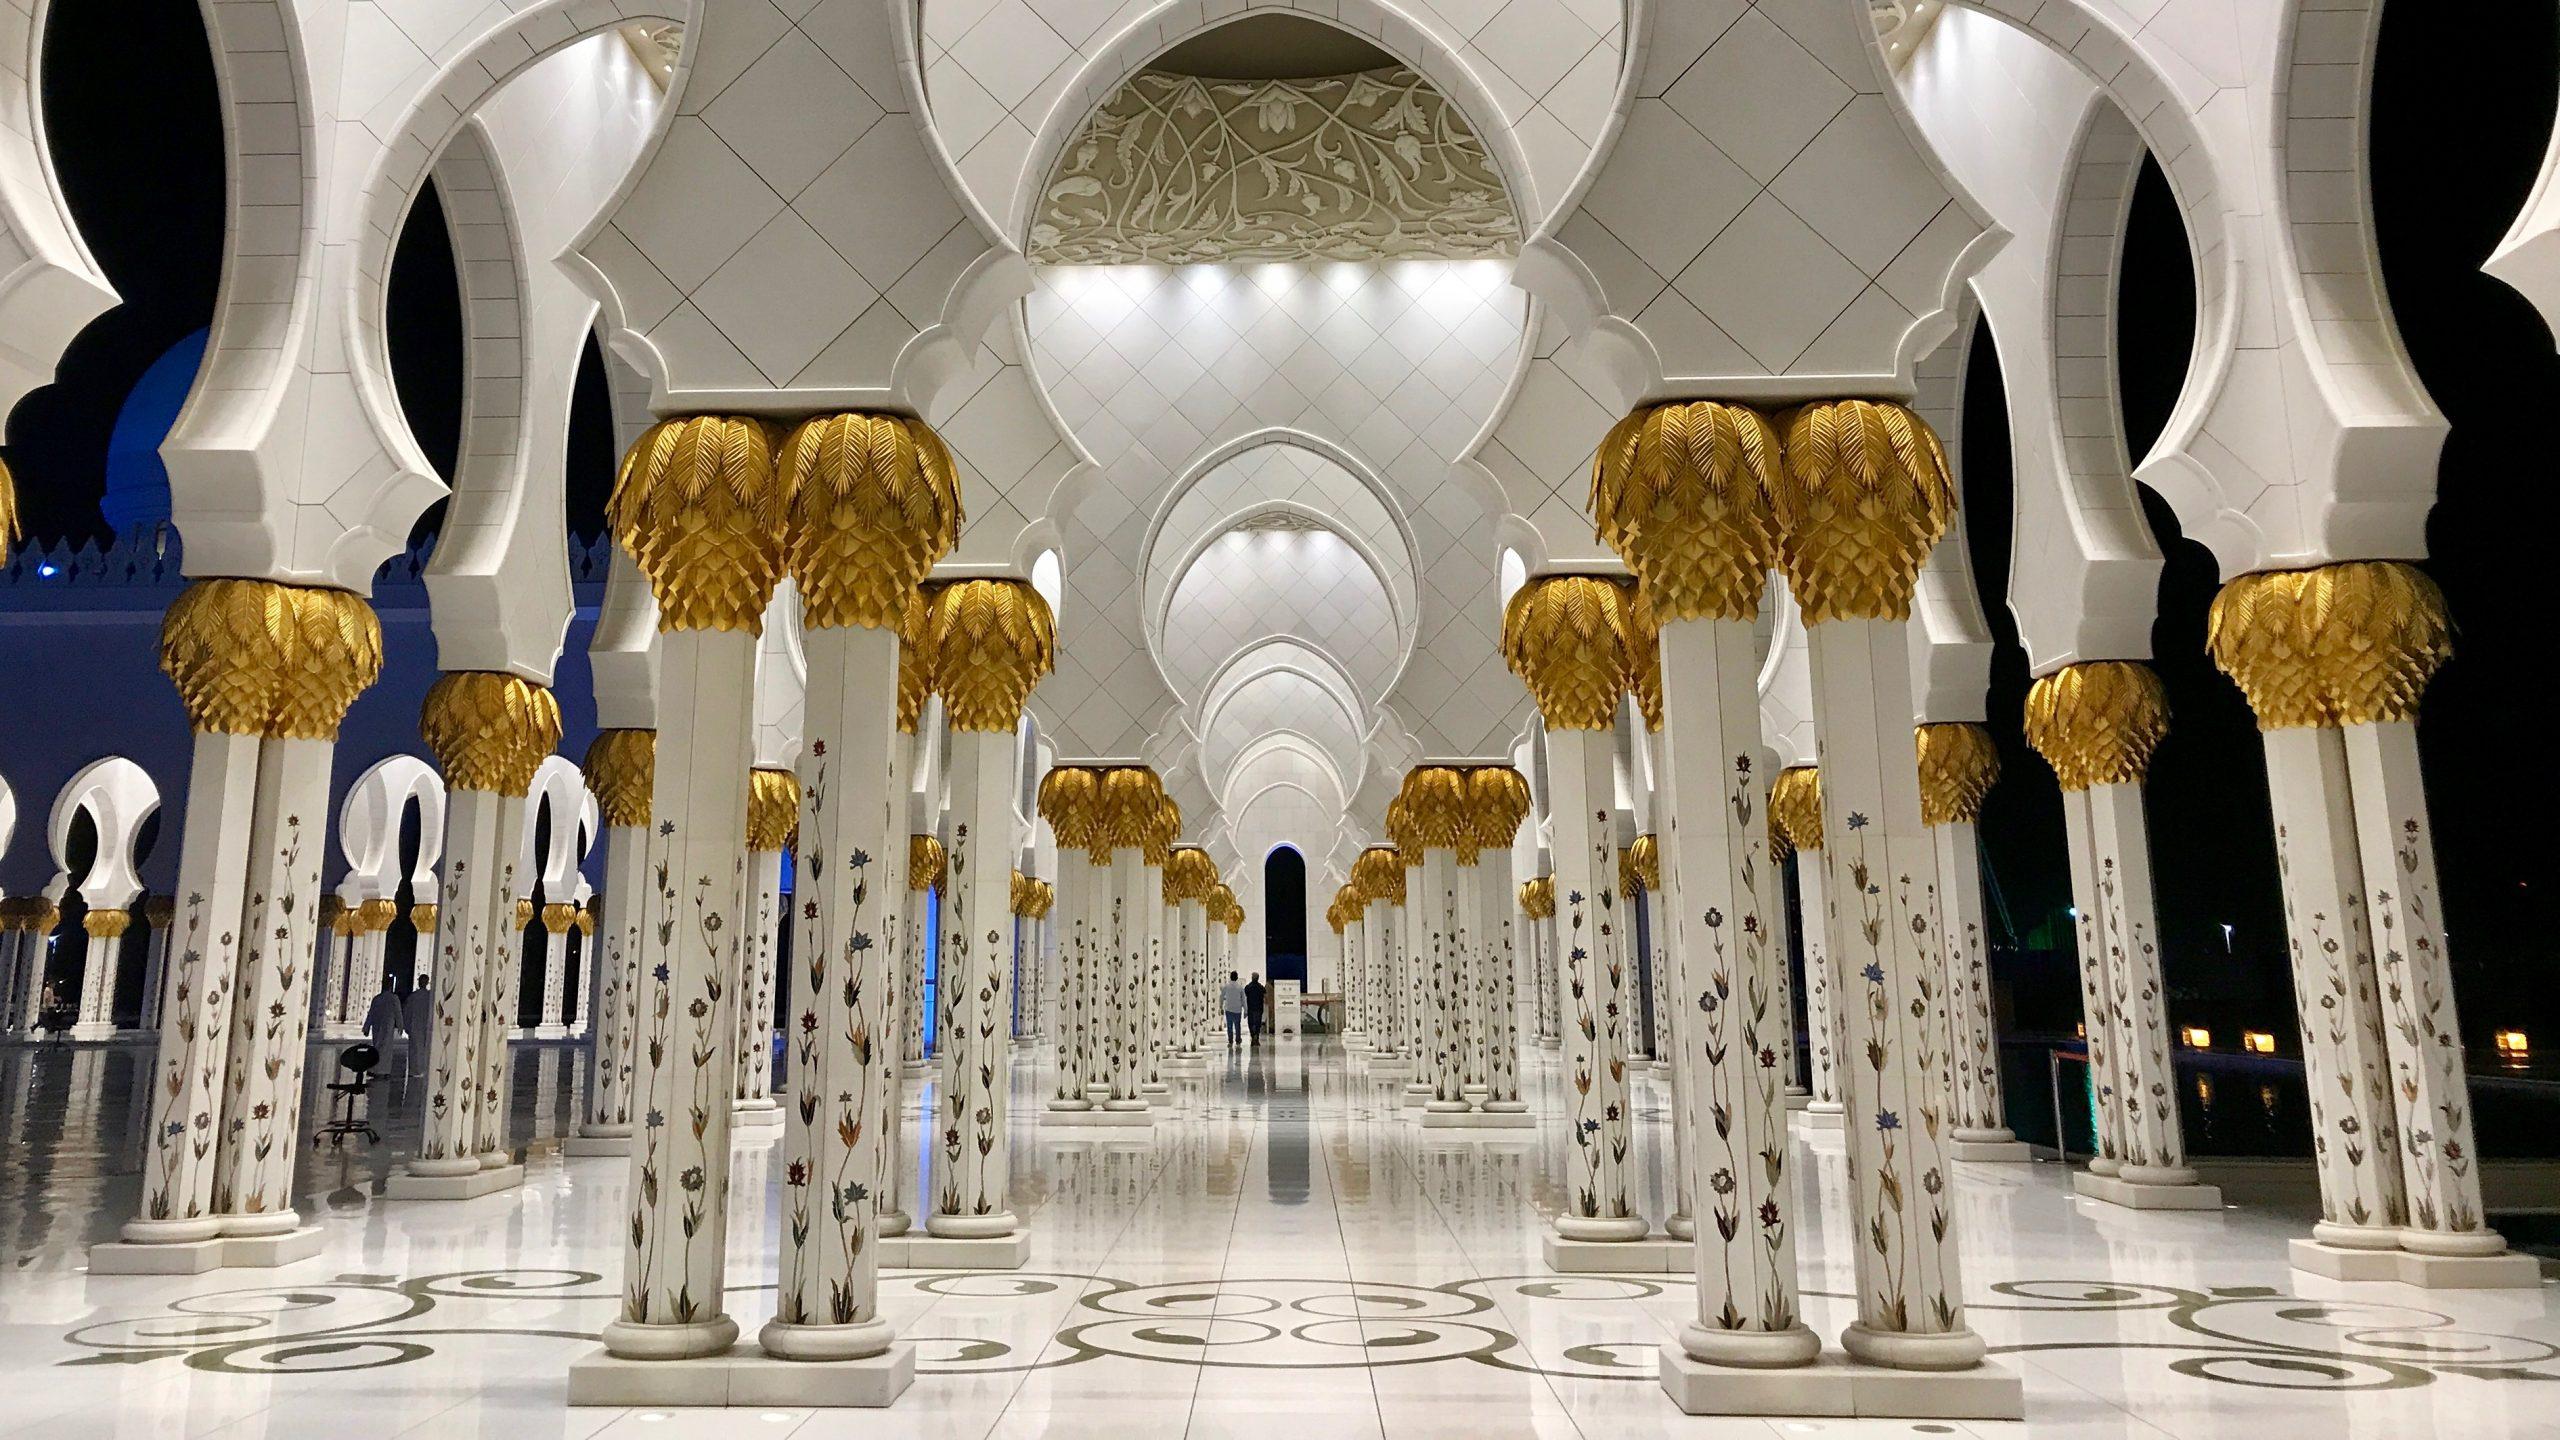 Scheich-Zayid-Moschee Abu Dhabi bei Nacht. Innen leuchtet die Mosche in hellem Kunstlicht. Das Gold der weißen Säulen glänzt vor dem dunklen Himmel. Der weiße Marmorboden strahlt und glänzt.